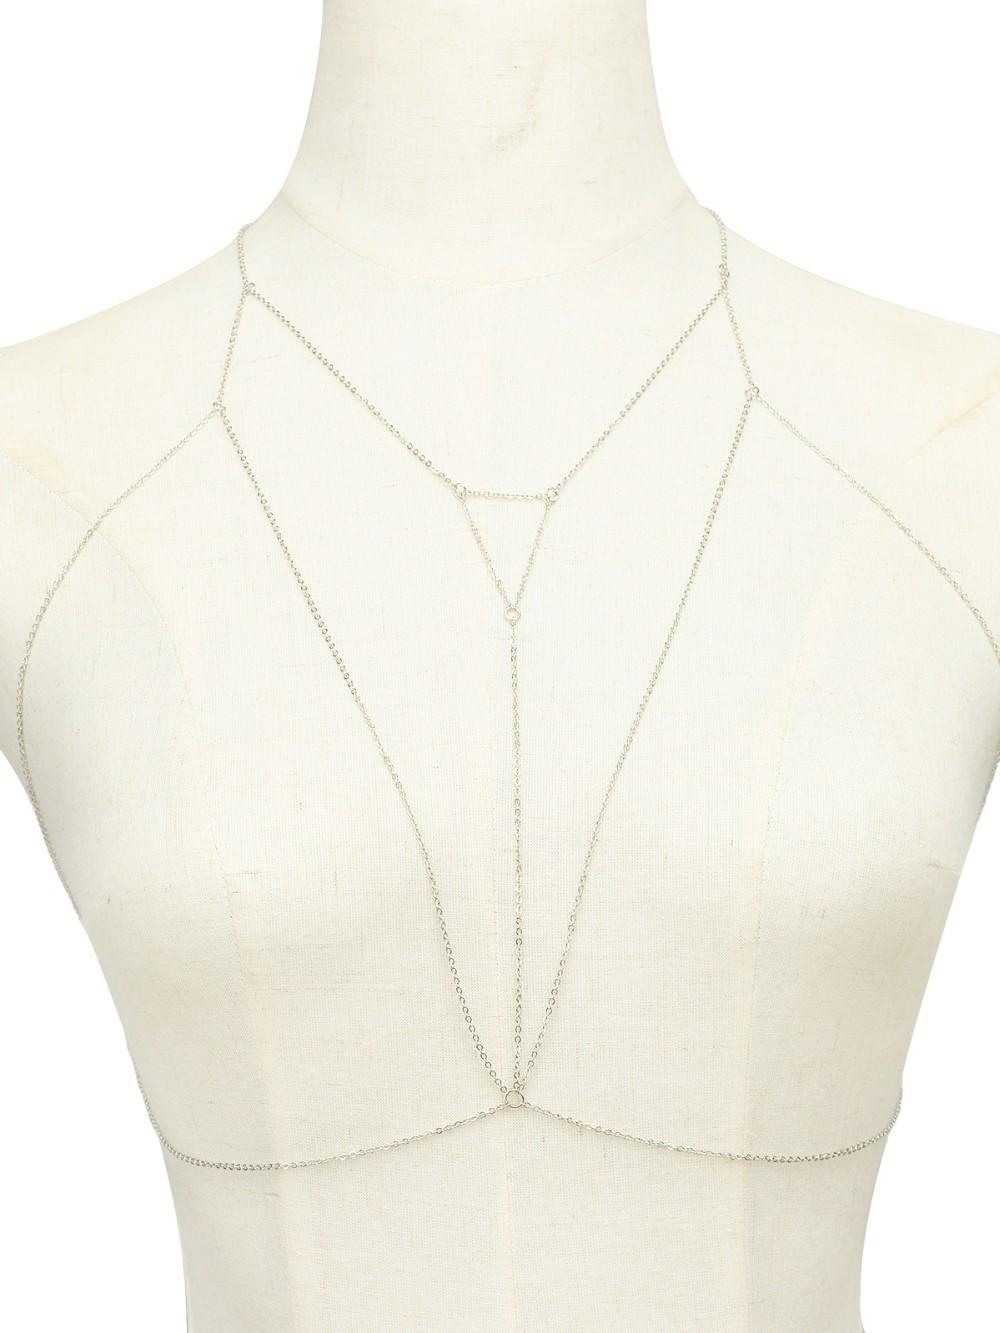 HTB1xTt7NVXXXXXnapXXq6xXFXXXw Triangle Bra Chain Bikini Harness Jewelry Necklace - 2 Colors